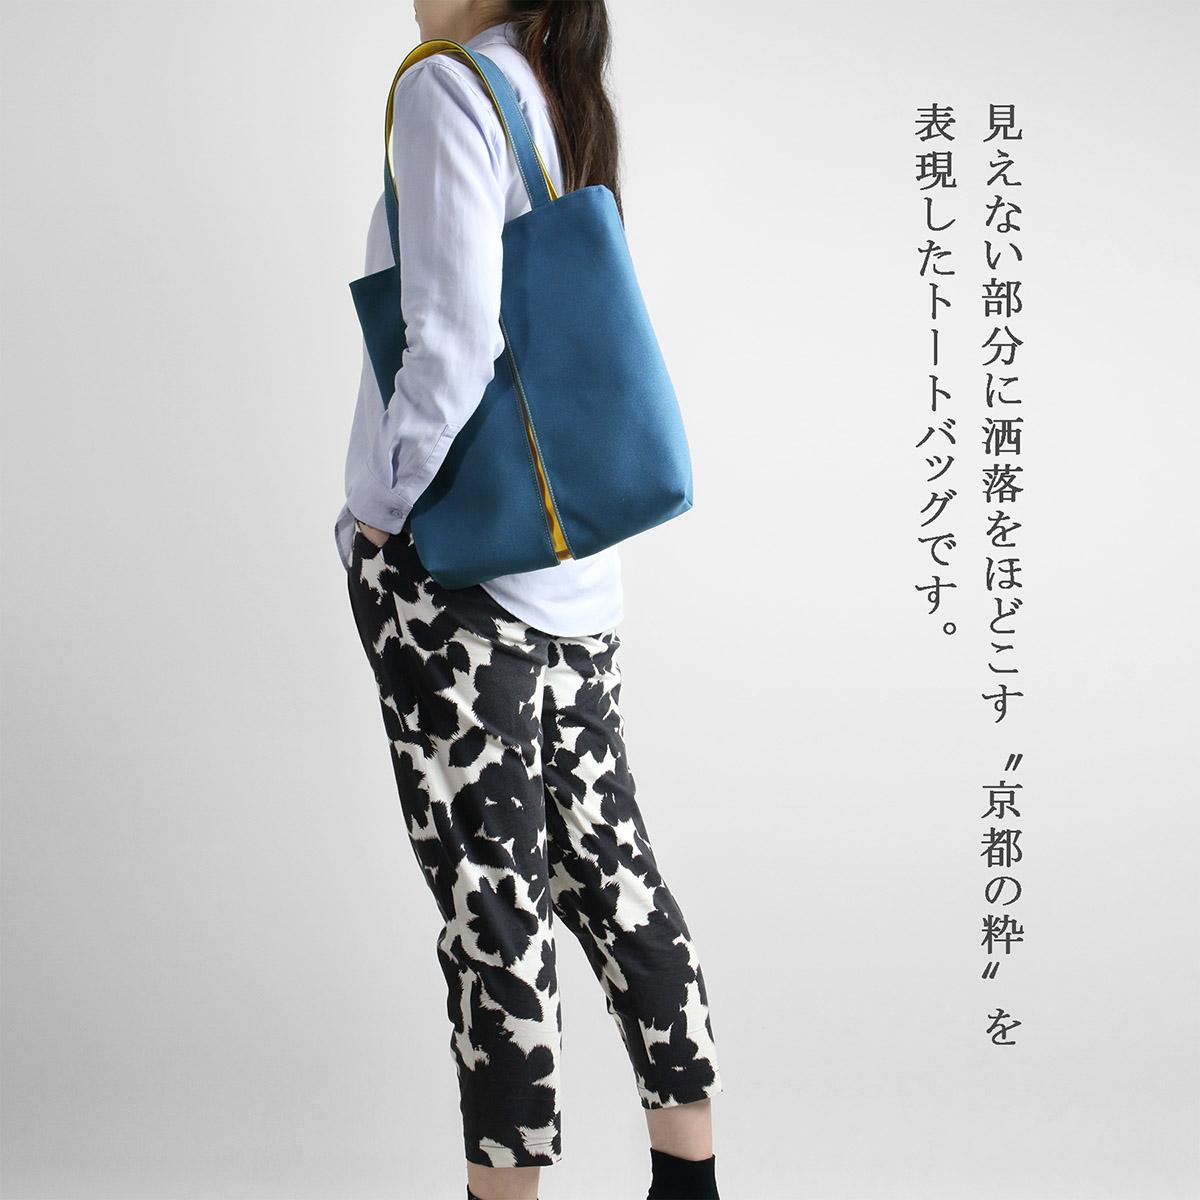 KOSHO ougi pleats 帆布 トートバッグ M